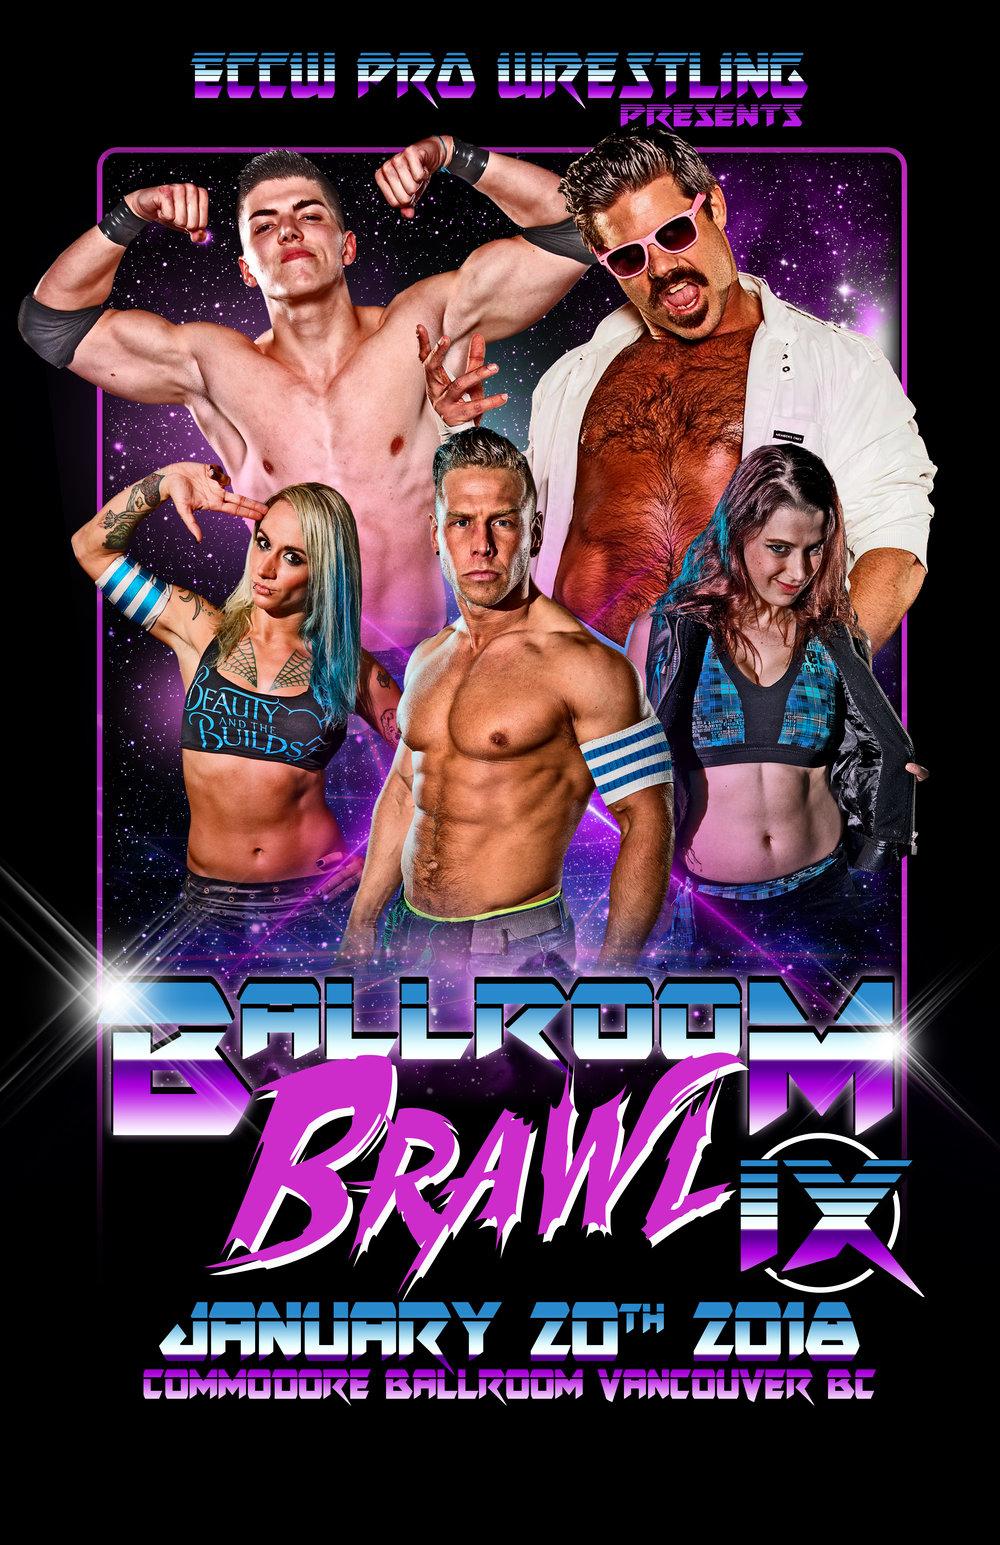 eccw ballroom brawl 9 poster.jpg